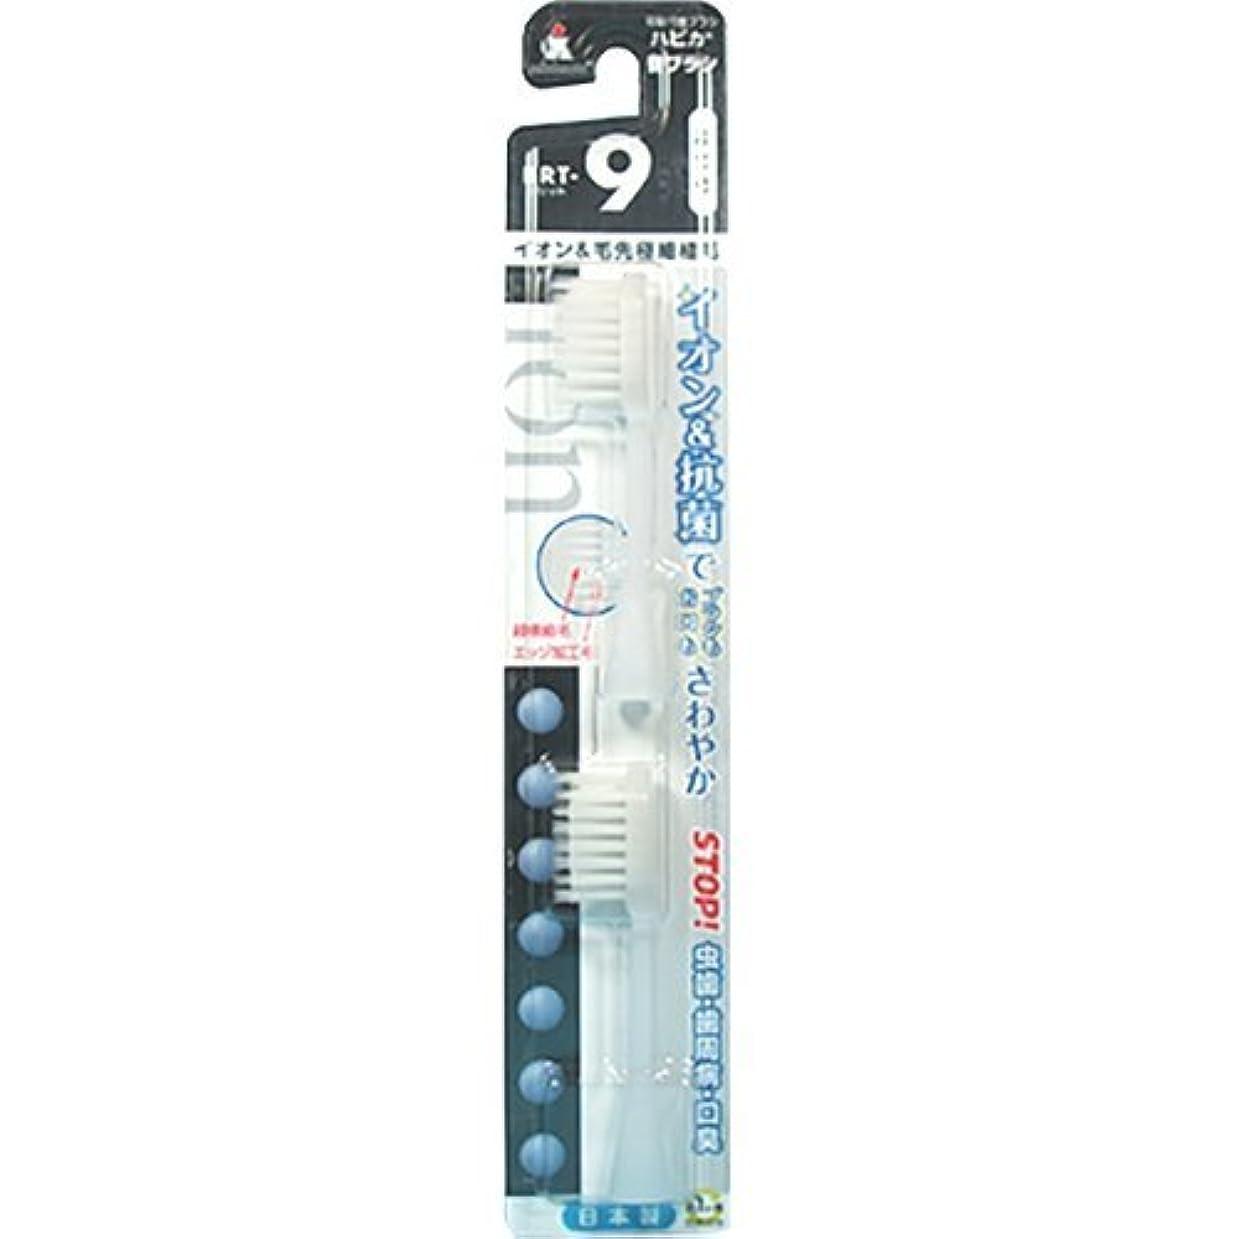 バンドフロー針ミニマム 電動付歯ブラシ ハピカ 専用替ブラシ マイナスイオン+超極細毛 毛の硬さ:ふつう BRT-9 2個入